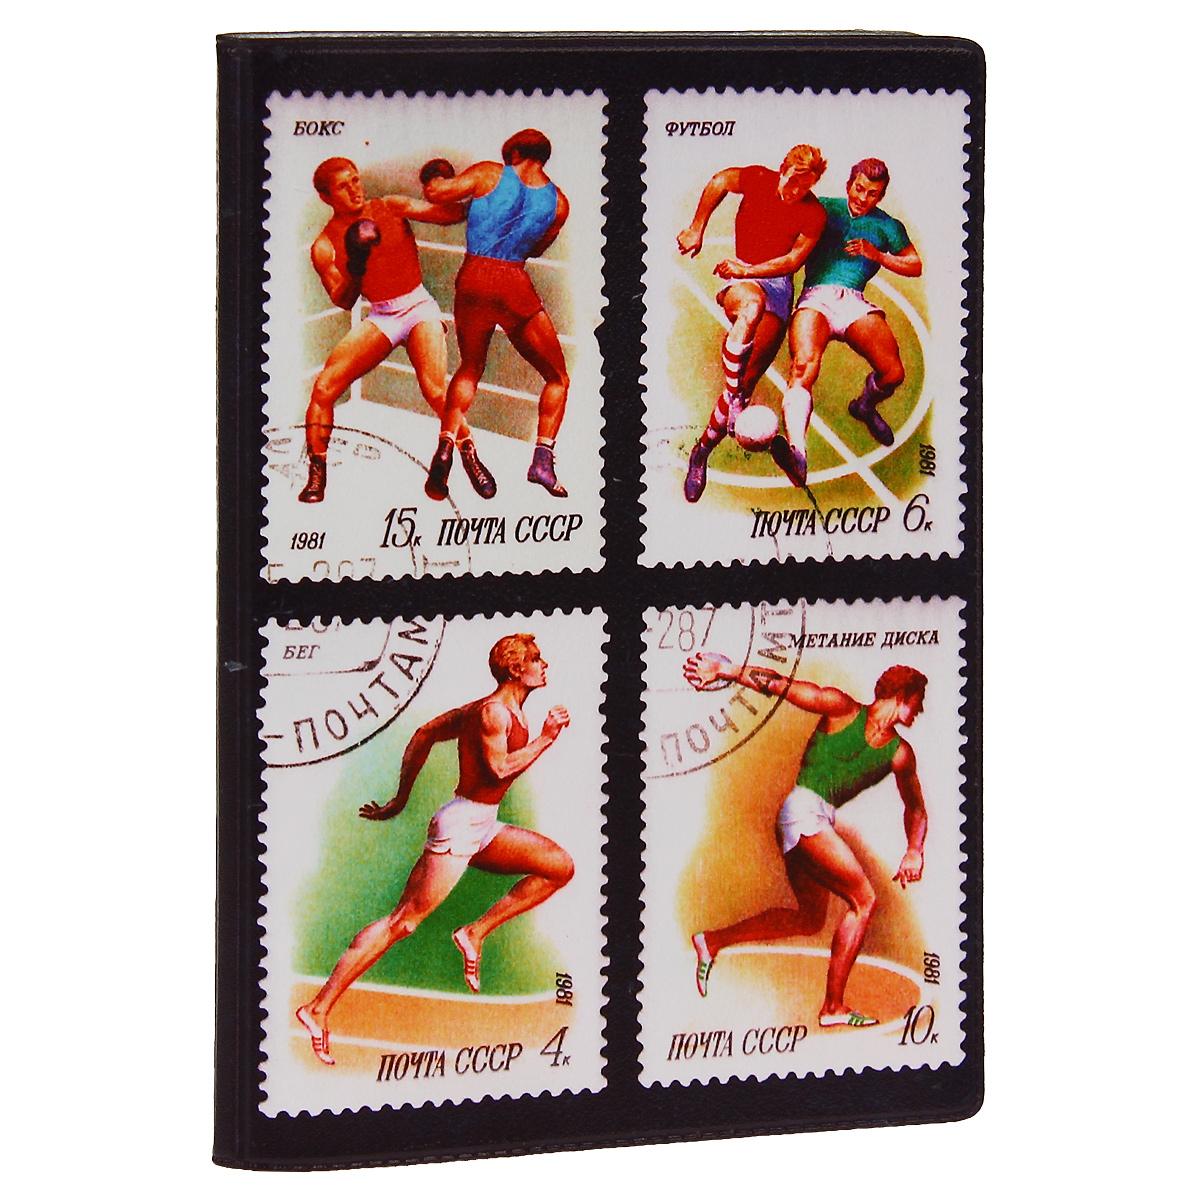 Обложка для автодокументов Спорт (марки) 1. AUTOZAM280BV.75.FP.бирюзовыйОбложка для автодокументов Mitya Veselkov Спорт. Марки - 1 изготовлена из прочного ПВХ и оформлена изображениями почтовых марок со спортивной тематикой. На внутреннем развороте имеются съемный блок из шести прозрачных файлов из мягкого пластика для водительских документов, один из которых формата А5, а также два боковых кармашка для визиток или банковских карт.Стильная обложка не только поможет сохранить внешний вид ваших документов и защитит их от грязи и пыли, но и станет аксессуаром, который подчеркнет вашу яркую индивидуальность.